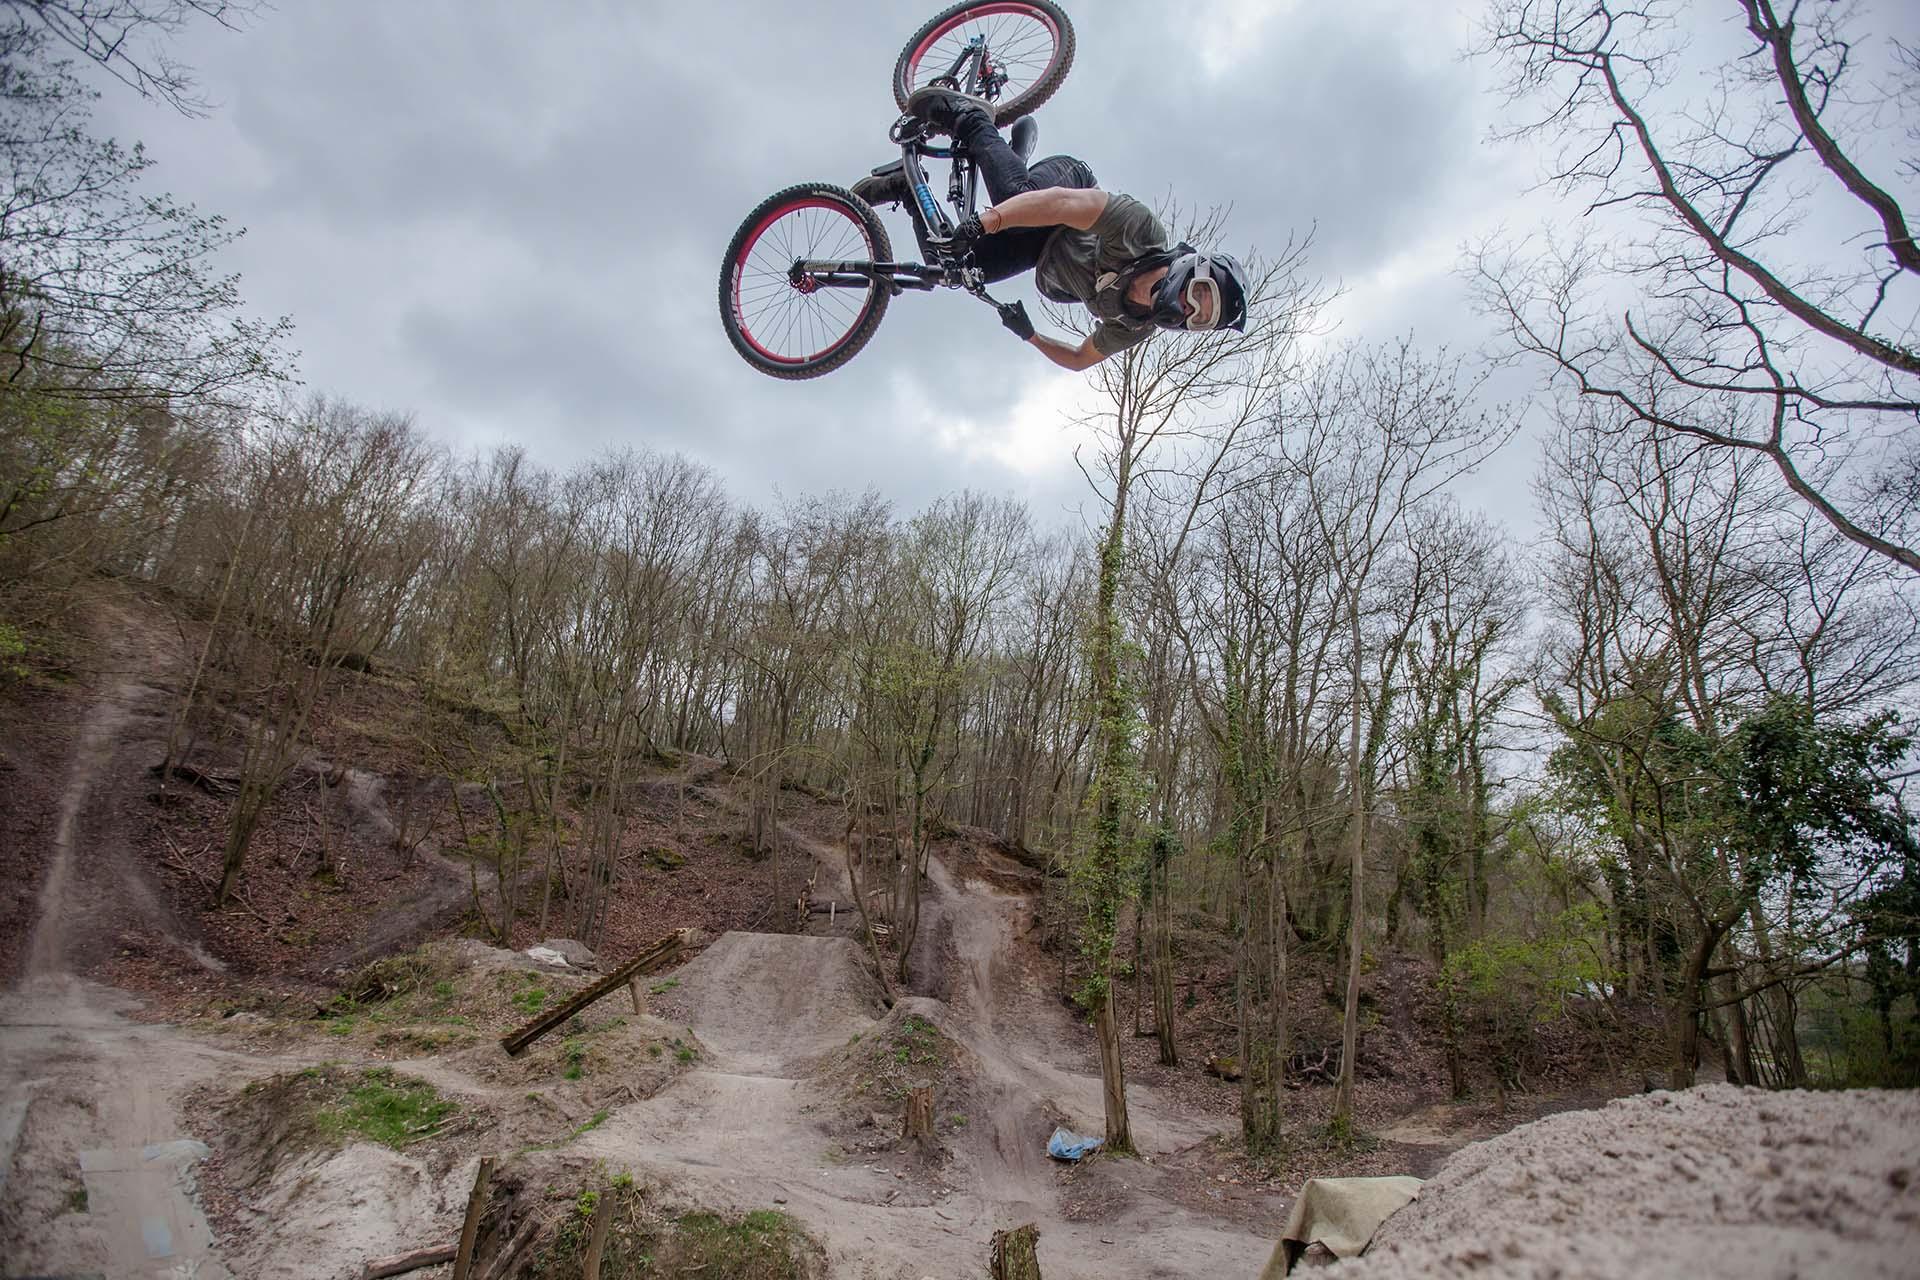 Antoine Bize bei seiner täglichen Routine - fliegen mit dem Bike.